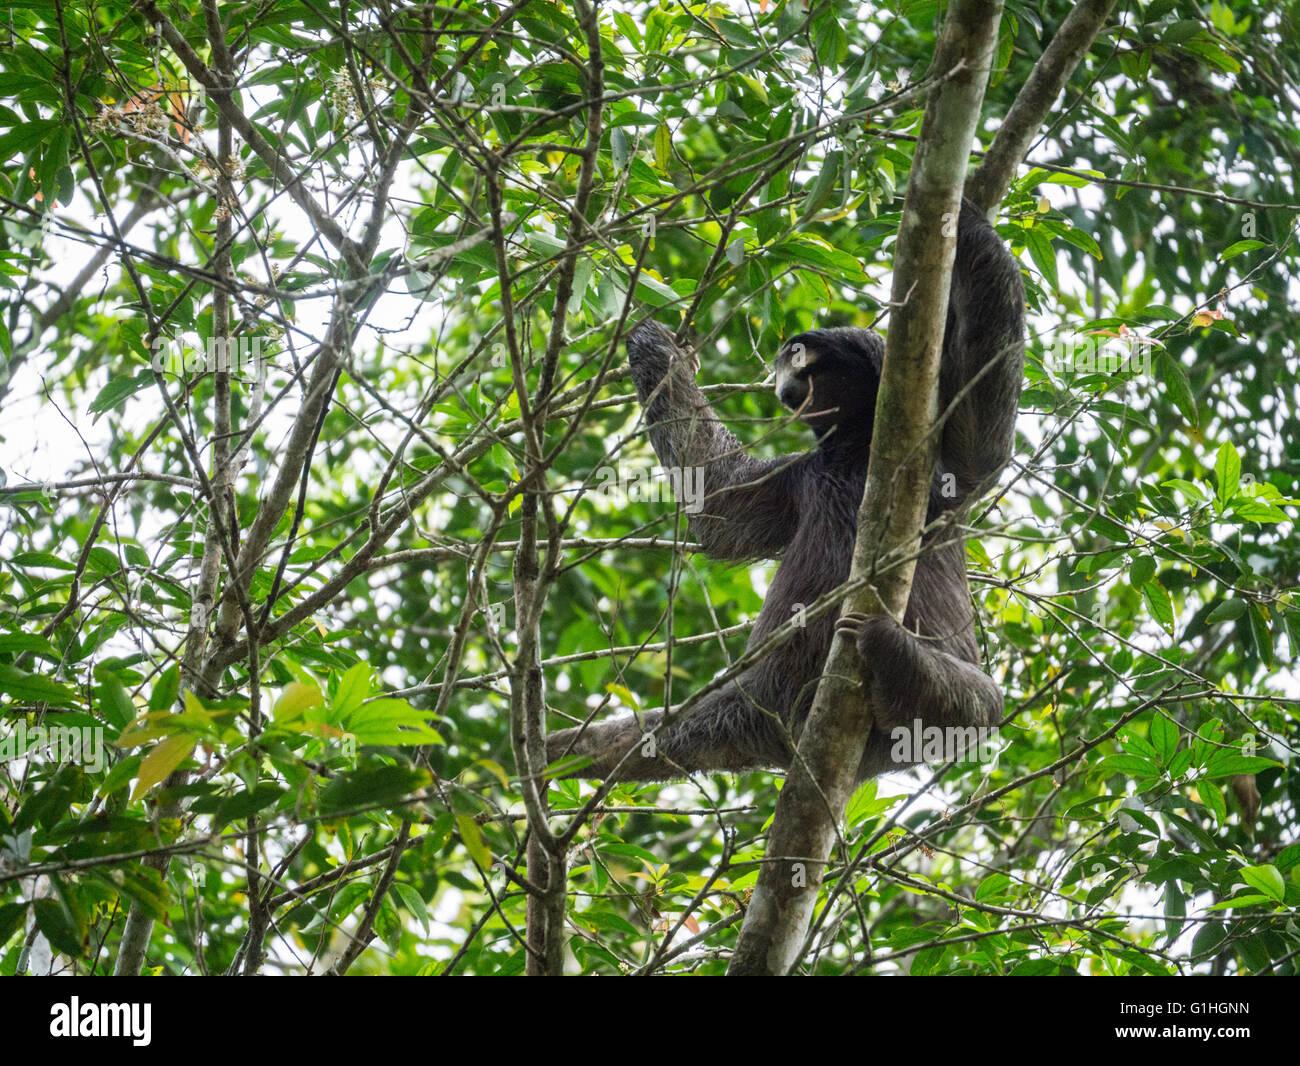 Three toed sloth in a tree Stock Photo